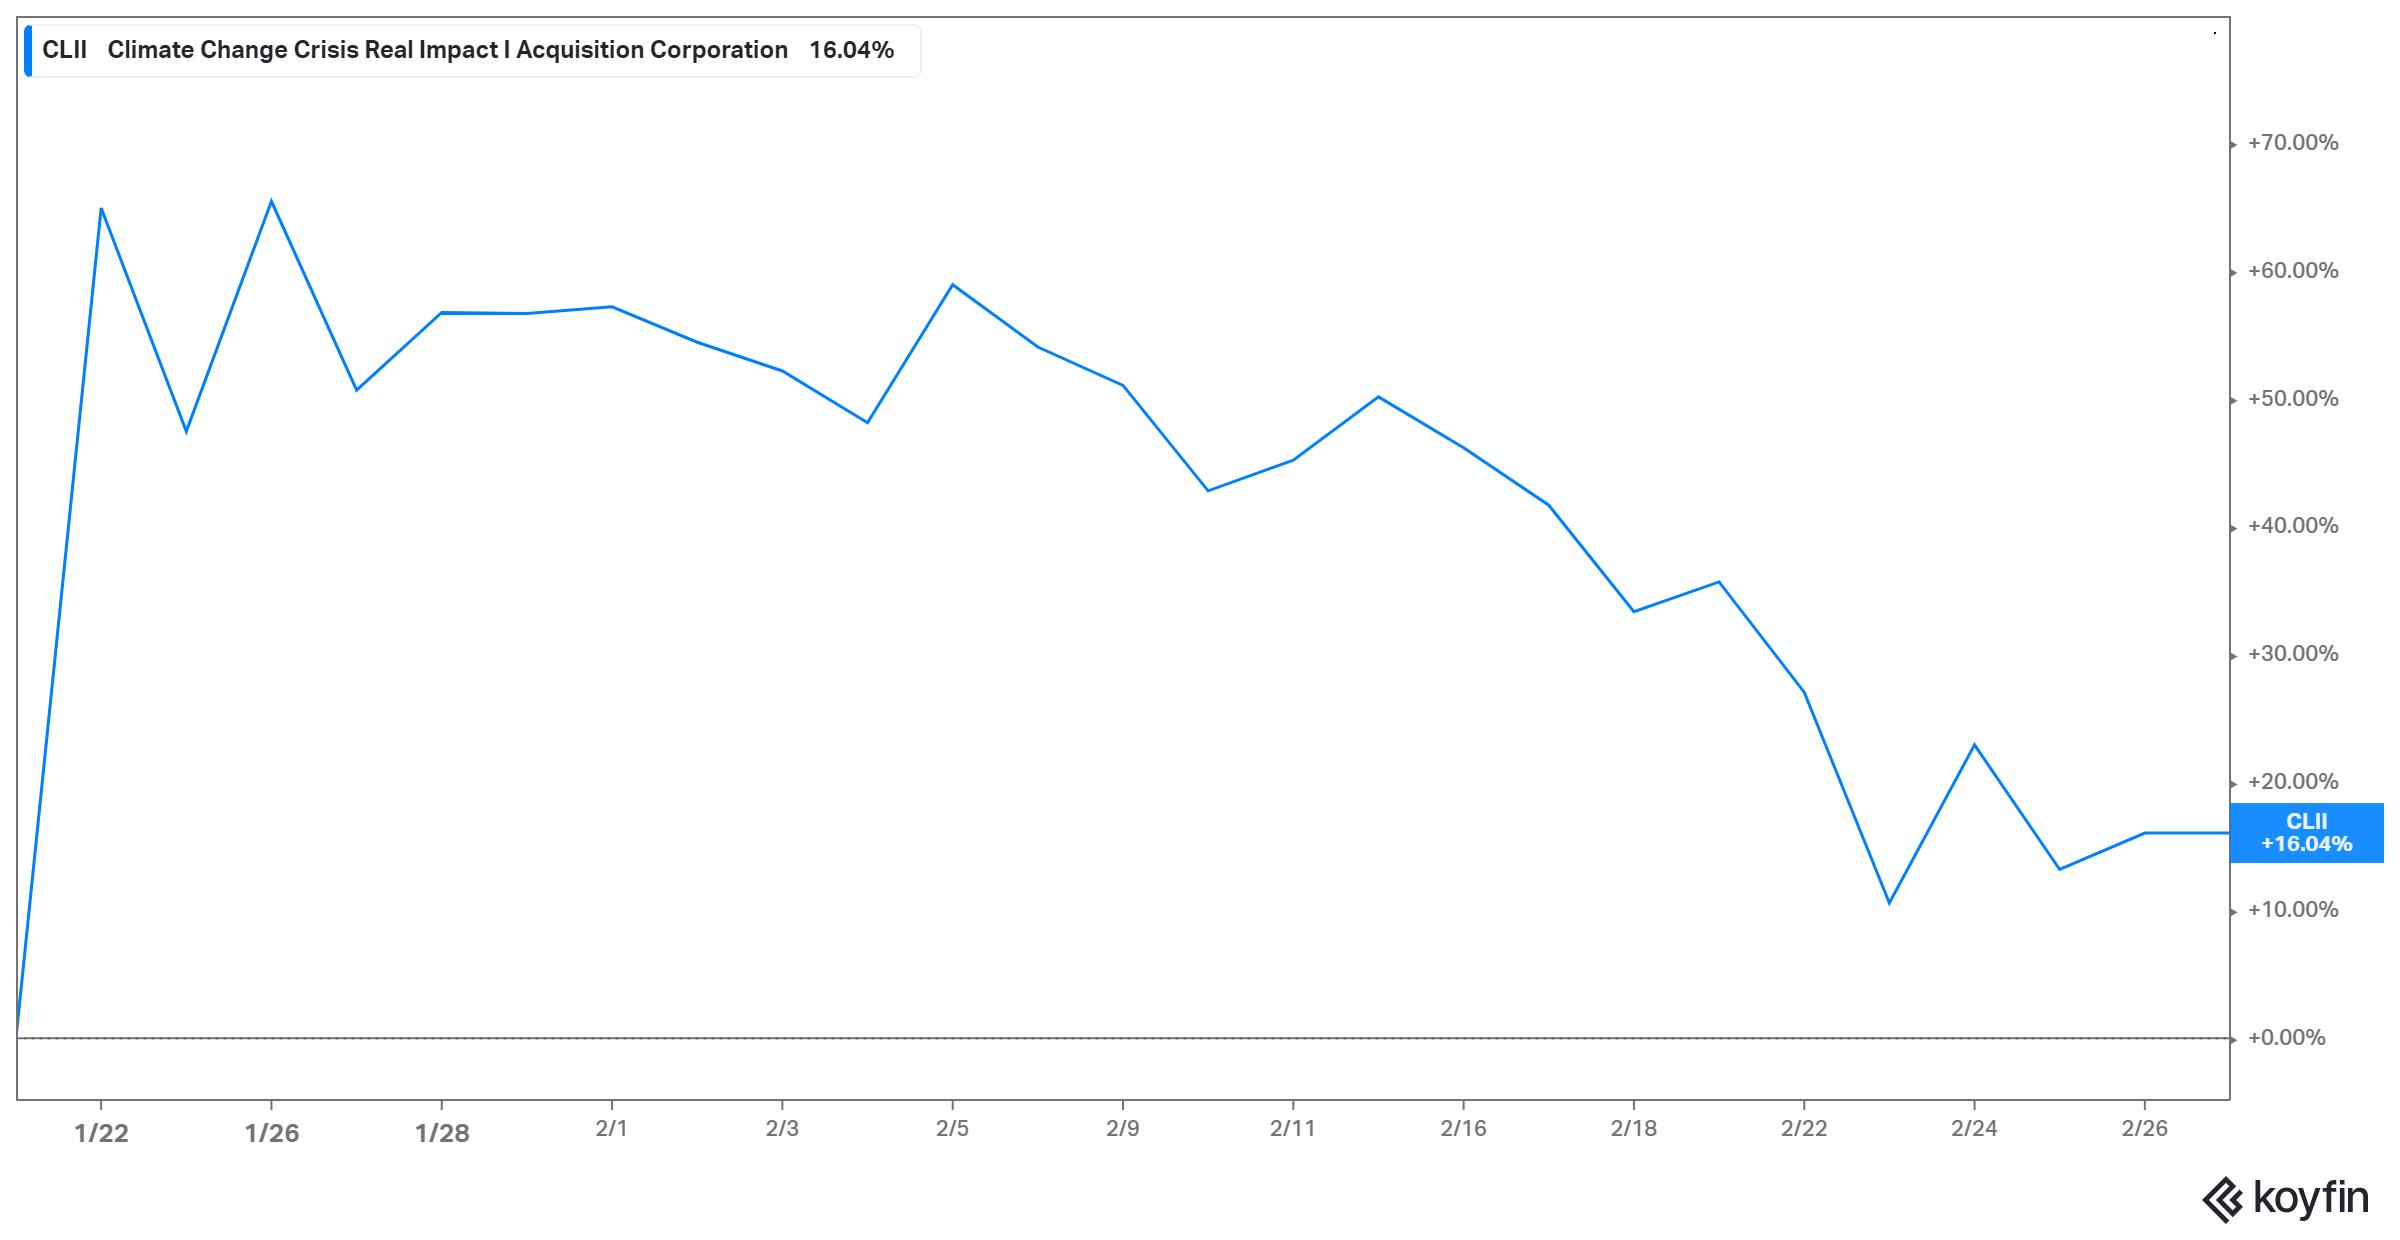 CLII stock has risen since Evgo deal